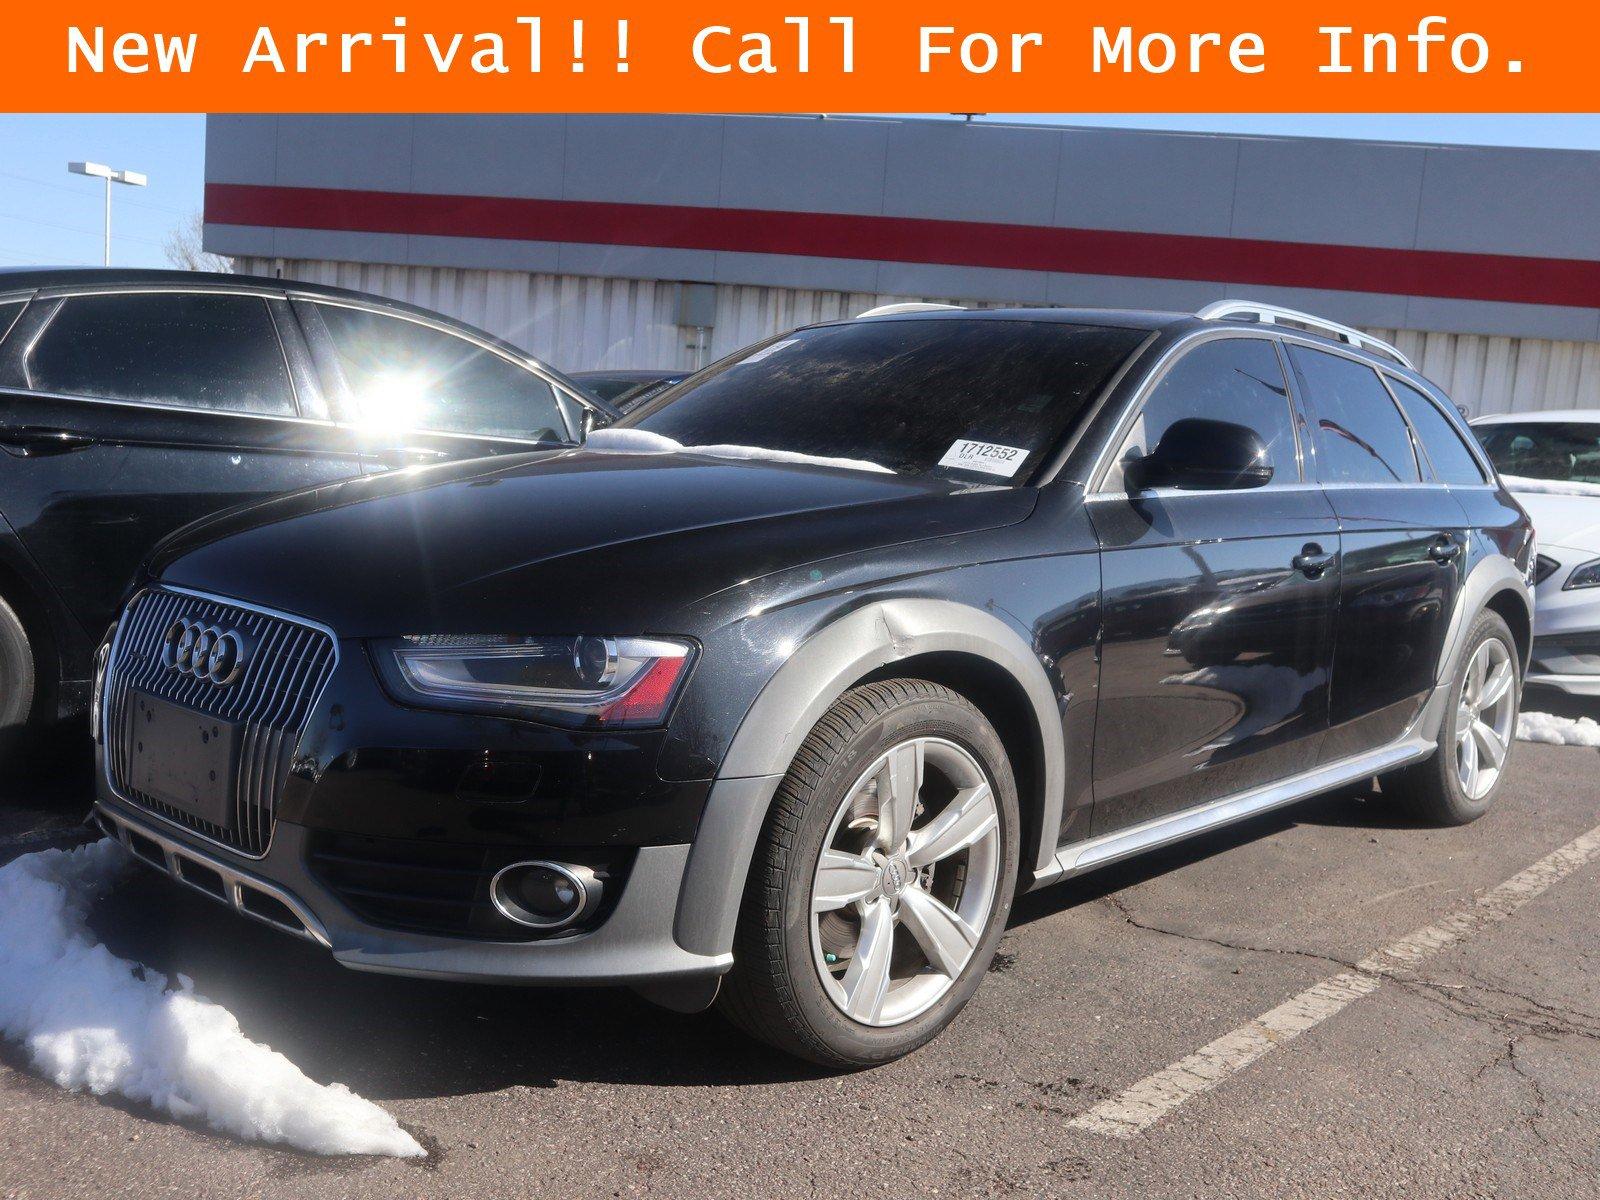 2014 Audi A4 Premium Plus image